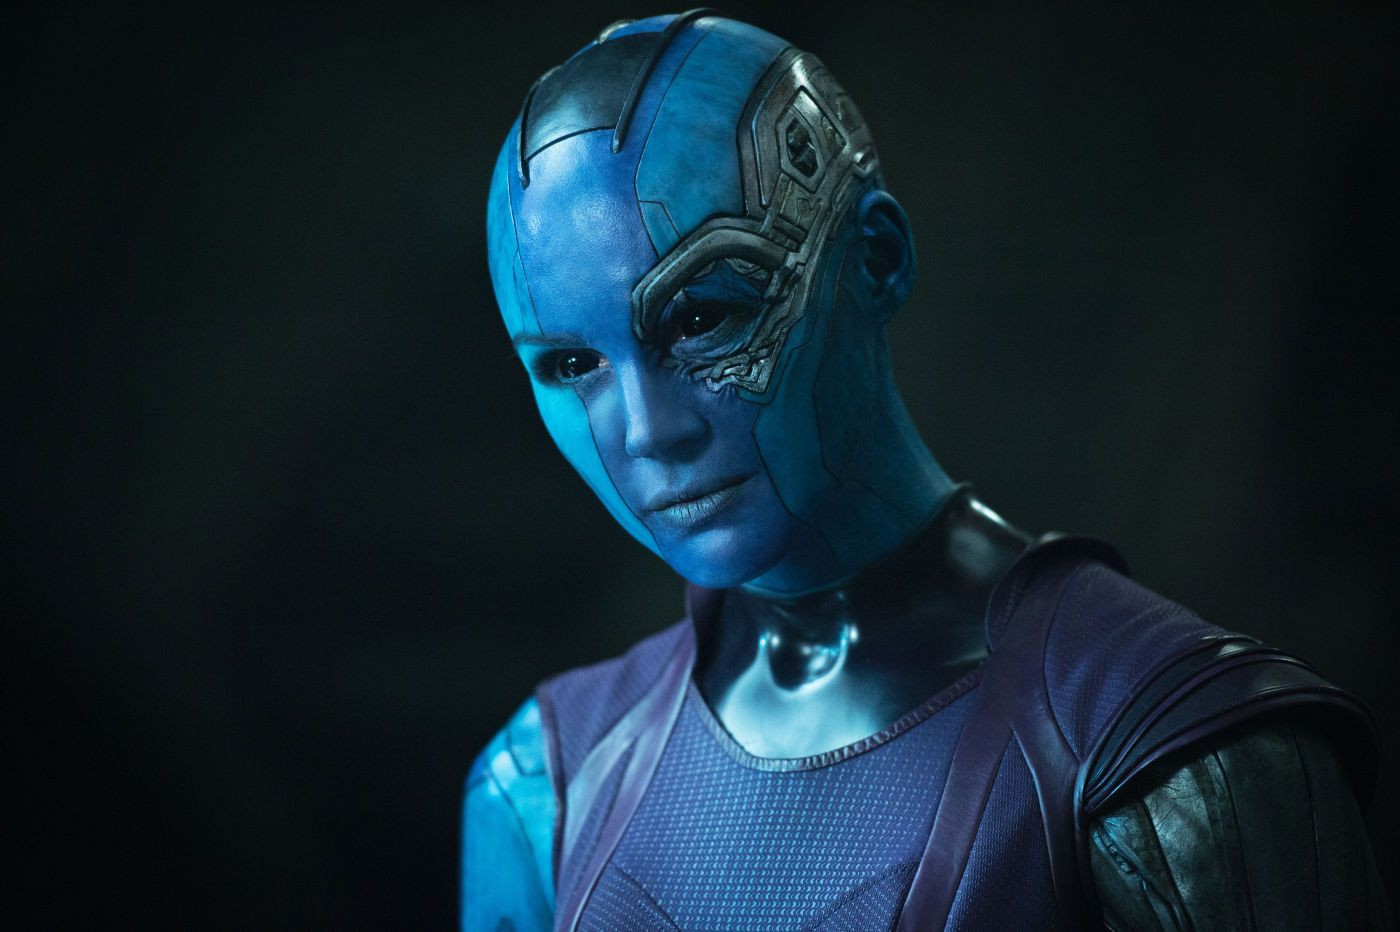 Đạo diễn ENDGAME bất ngờ xác nhận: Có một siêu anh hùng trong vũ trụ Marvel là....gay? - Ảnh 3.